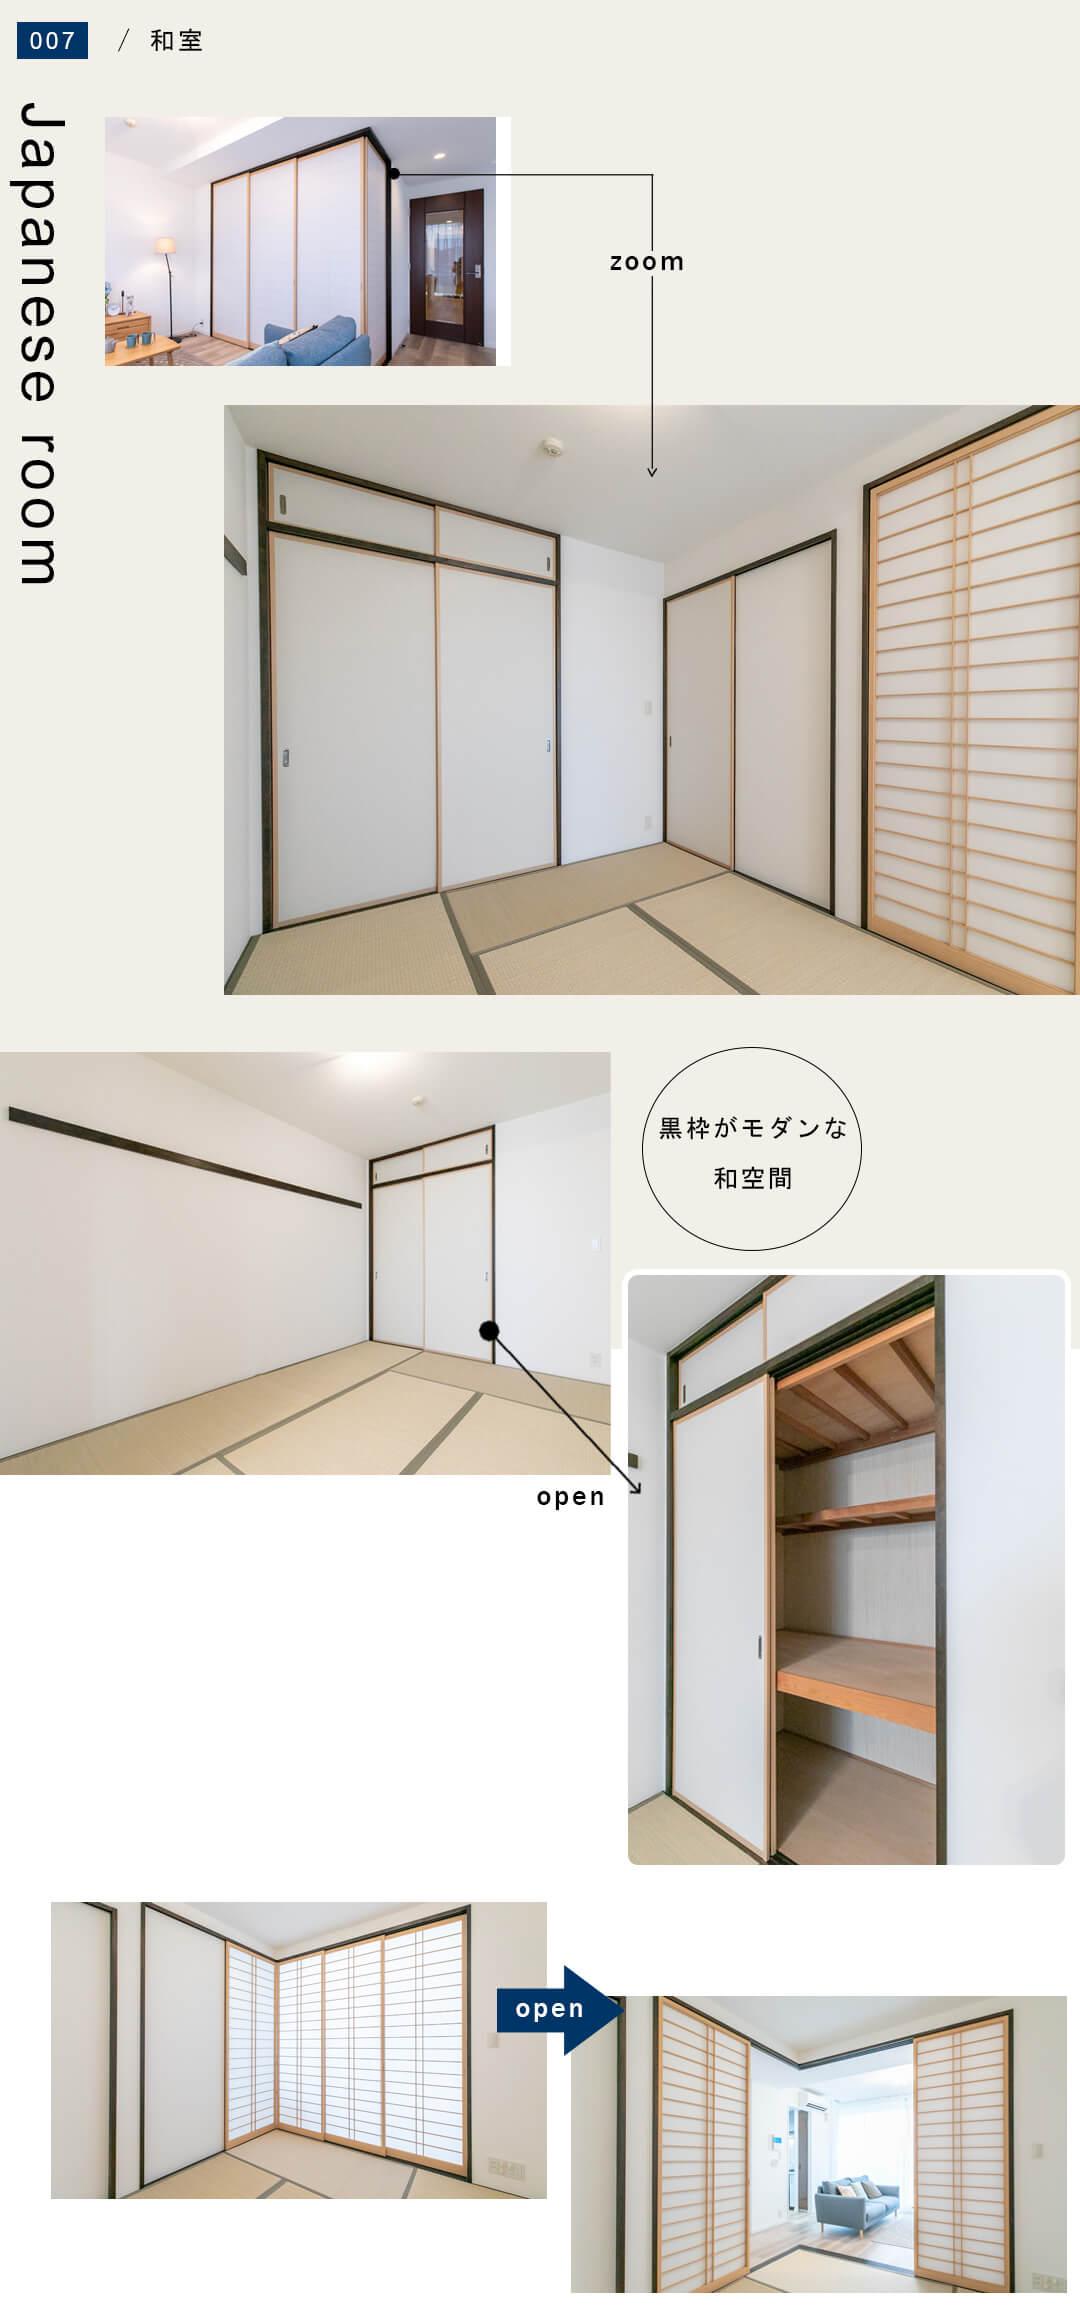 007和室,Japanese room